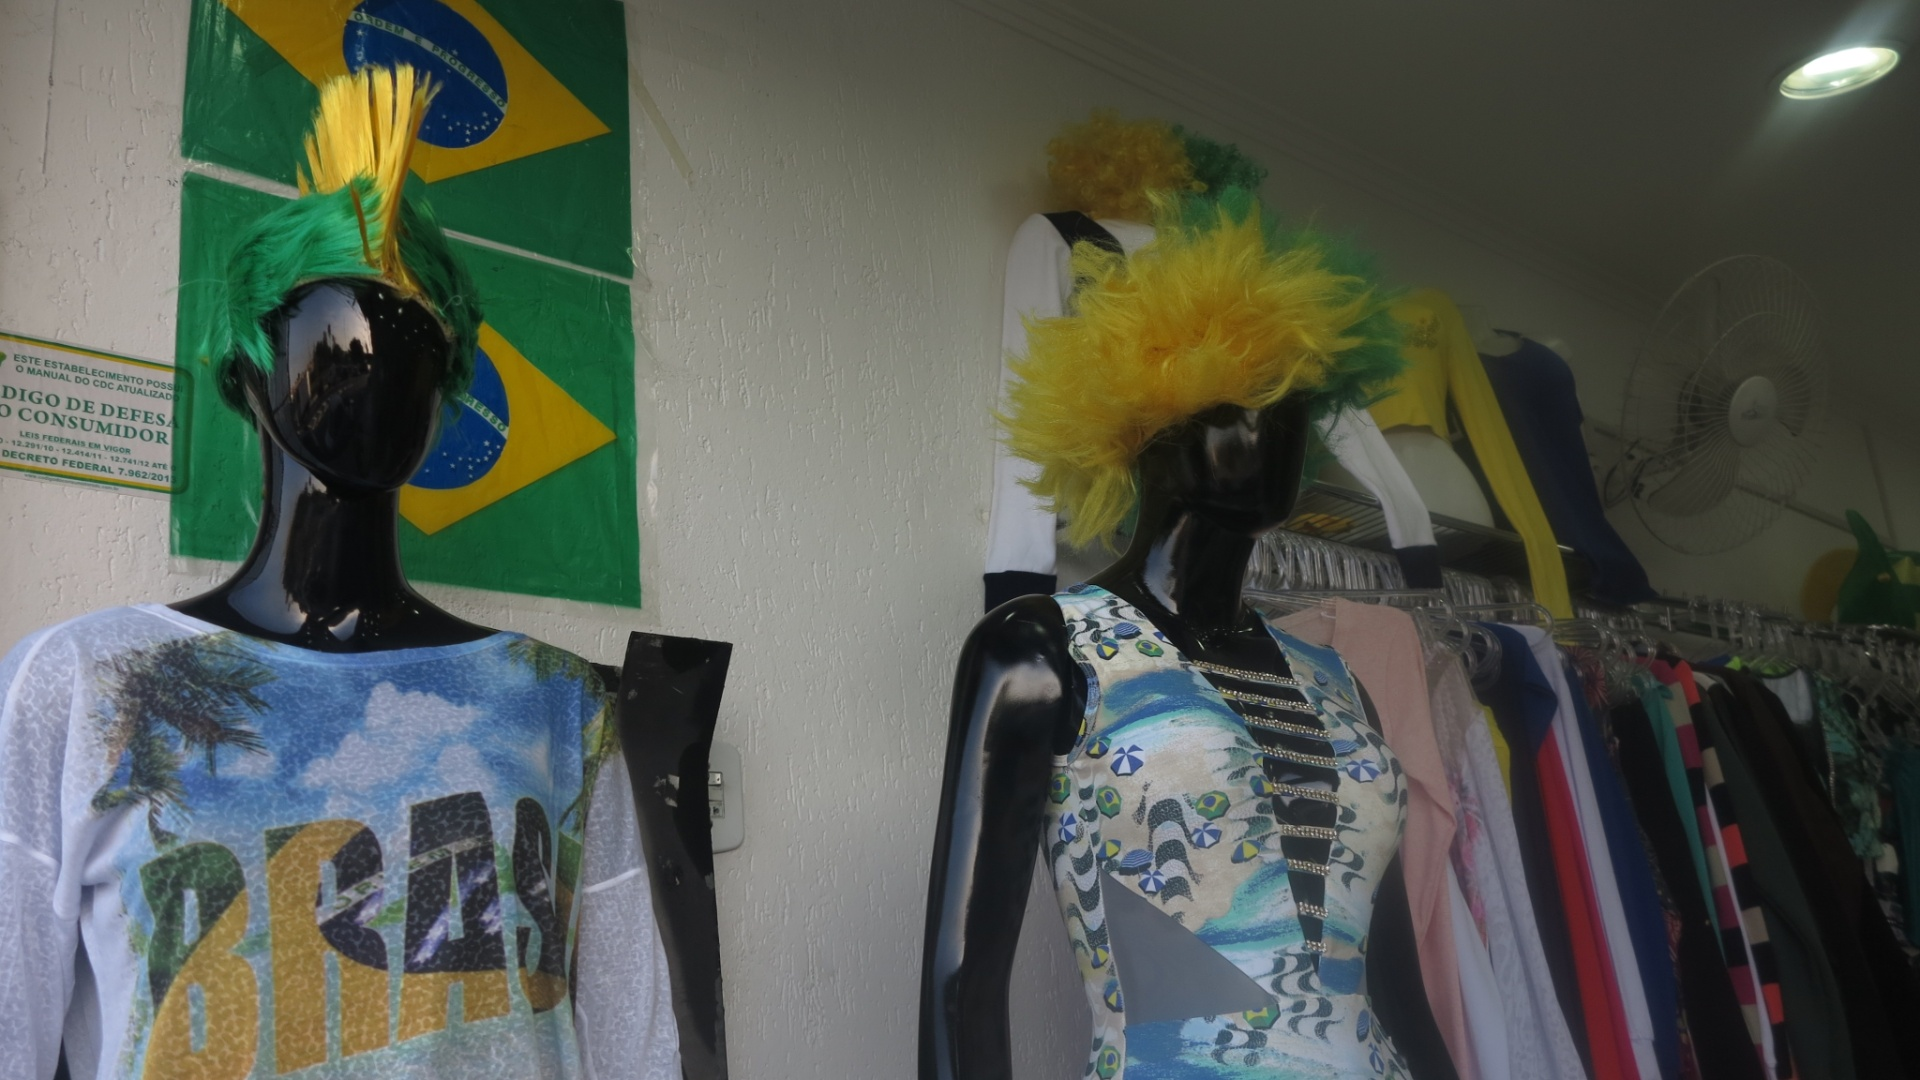 Loja de roupas femininas entre a estação Artur Alvim do metrô e o estádio Itaquerão, em São Paulo.